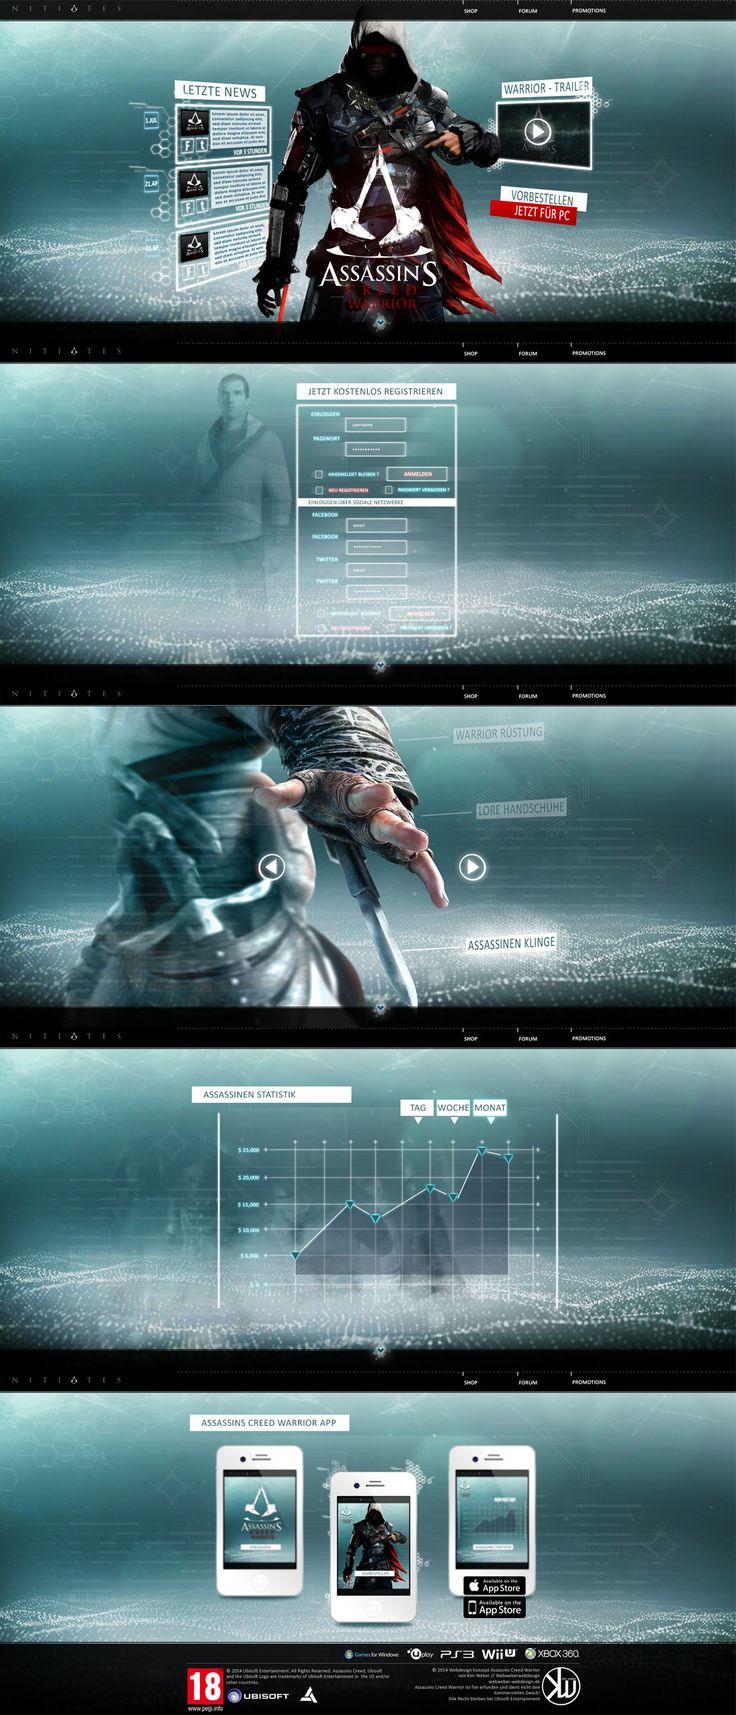 """Ich weiß noch das ich an dem Tag nicht´s zu tun hatte und dachte, mhh wieso erfindest du nicht einfach Assassins Creed ? Dann fing ich an zu designen und kam dadurch auch auf den Namen """"Warrior""""… mhhmm sehr einfallsreich *lach* 😀 Ich hatte aufjedenfall meinen Spaß und habe somit eine erfundene AC Reihe mit dem Webdesign kreiert. Das ganze ist wie ein One Pager aufgebaut. Ist schon etwas älter das Design aber mir gefällt es 😉"""